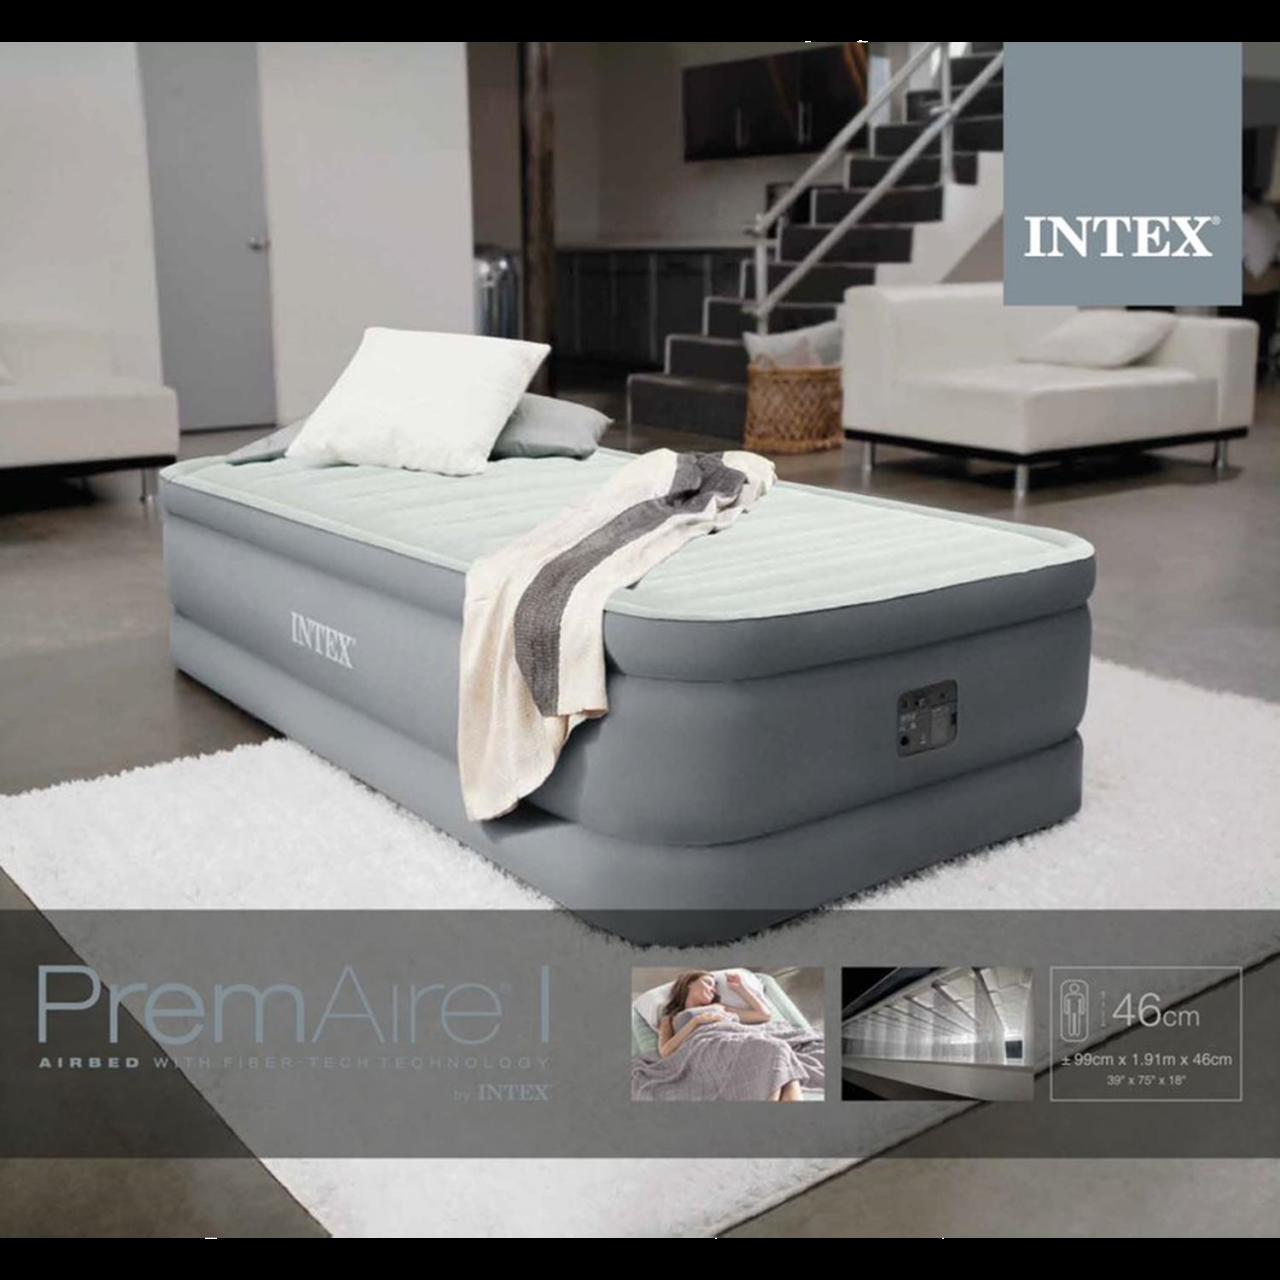 Intex Luftbett mit Pumpe PremAire Gästebett 191x99x46cm selbstaufblasend 64902